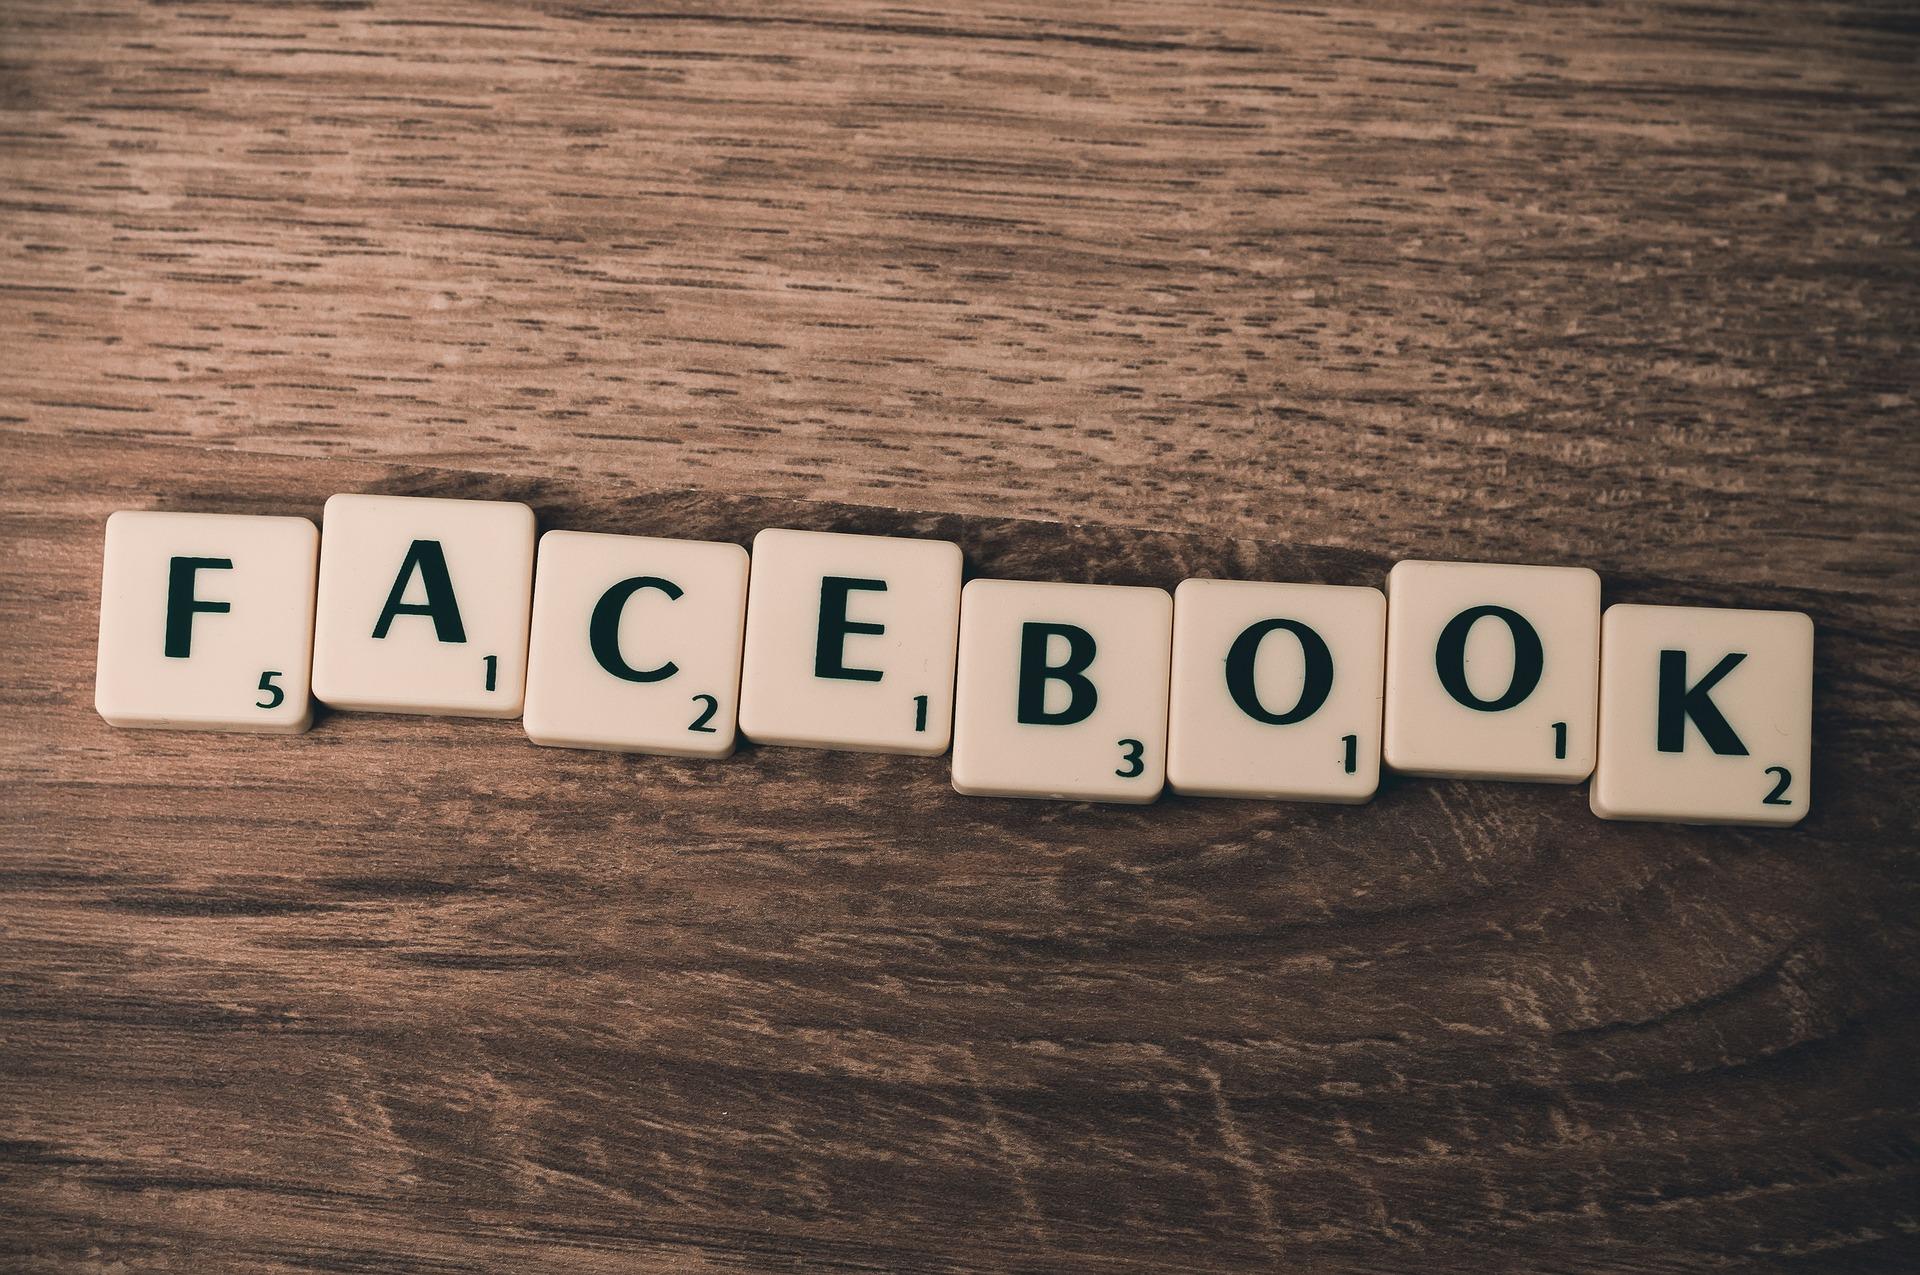 結婚式場の集客で使うFacebook広告のポイント